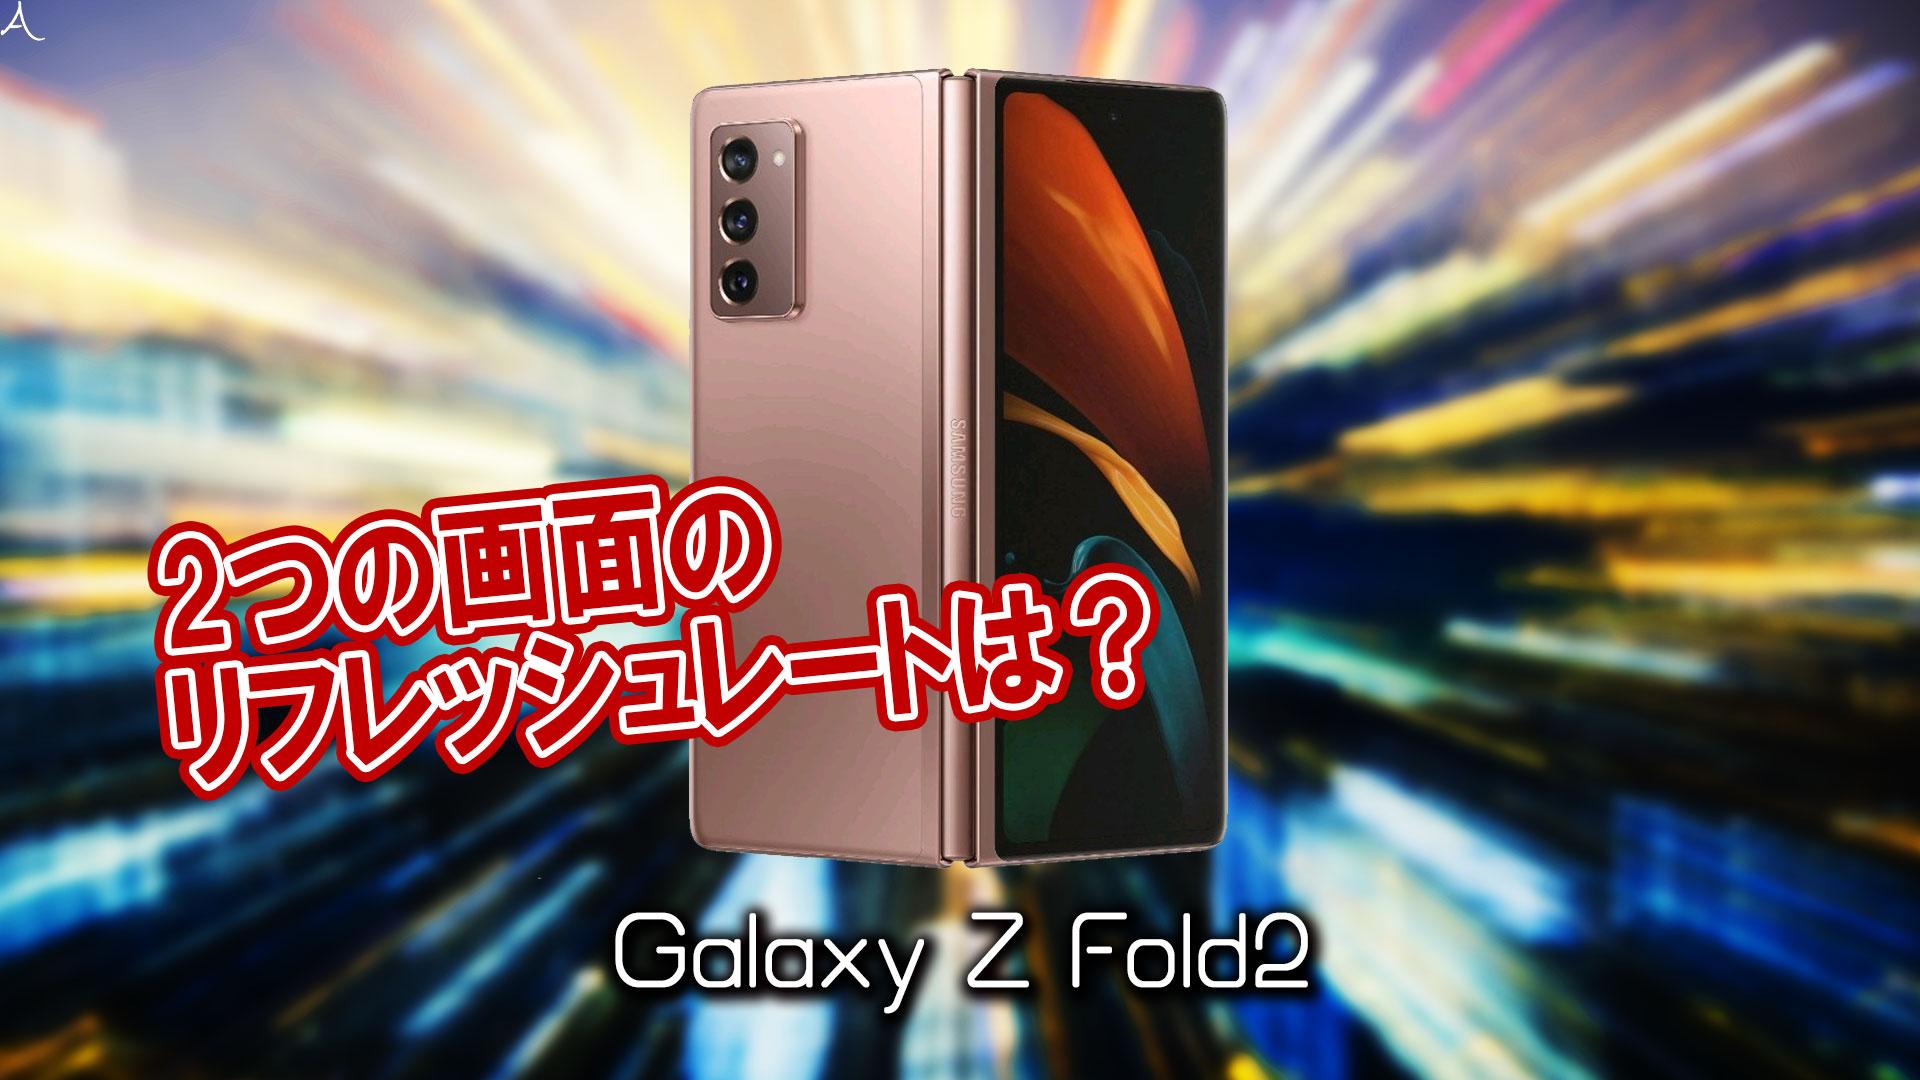 「Galaxy Z Fold2」のリフレッシュレートはいくつ?120Hz対応してる?